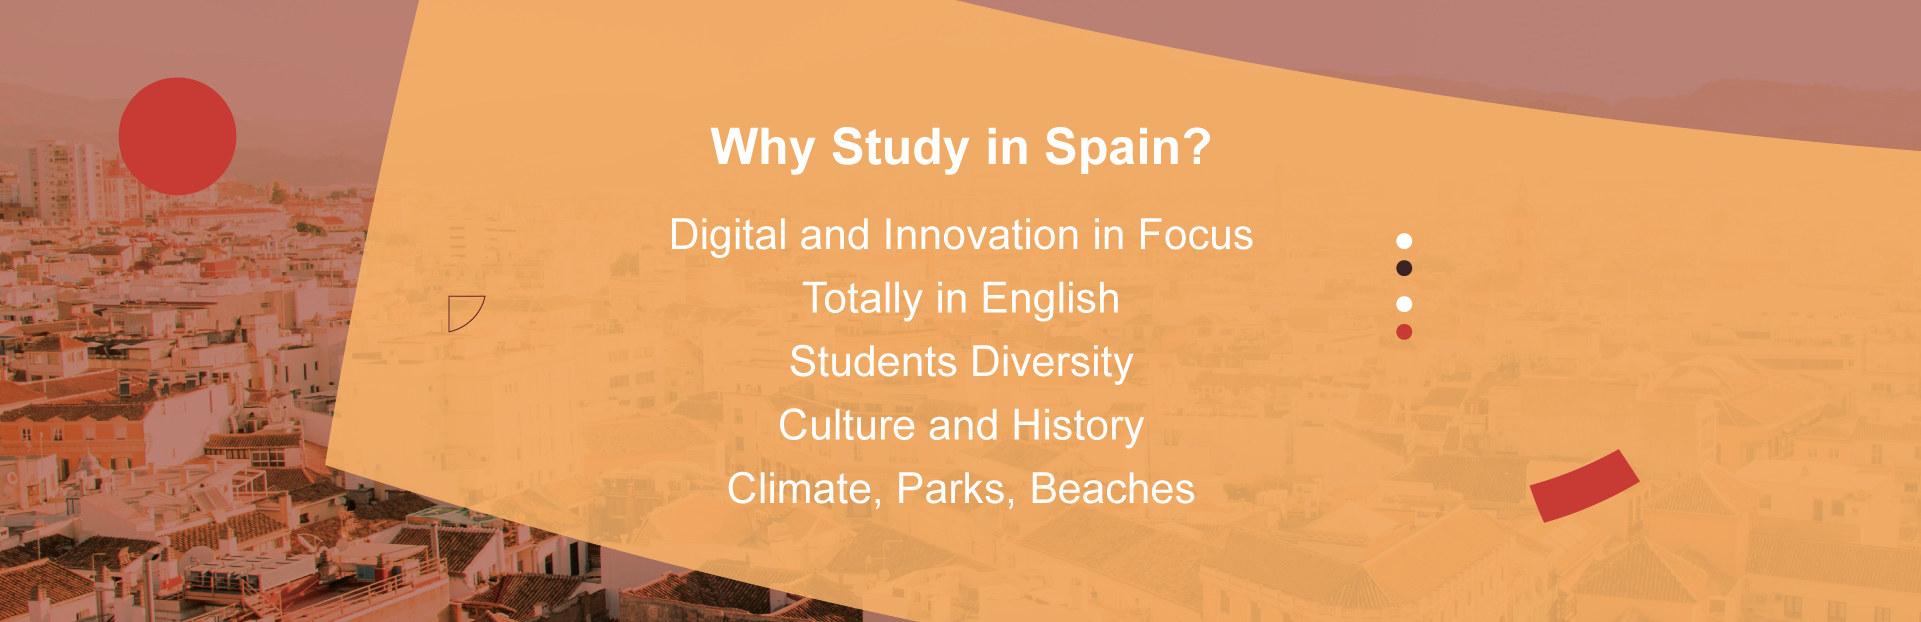 Summer school in Spain, Barcelona or Madrid at GBSB Global Business School